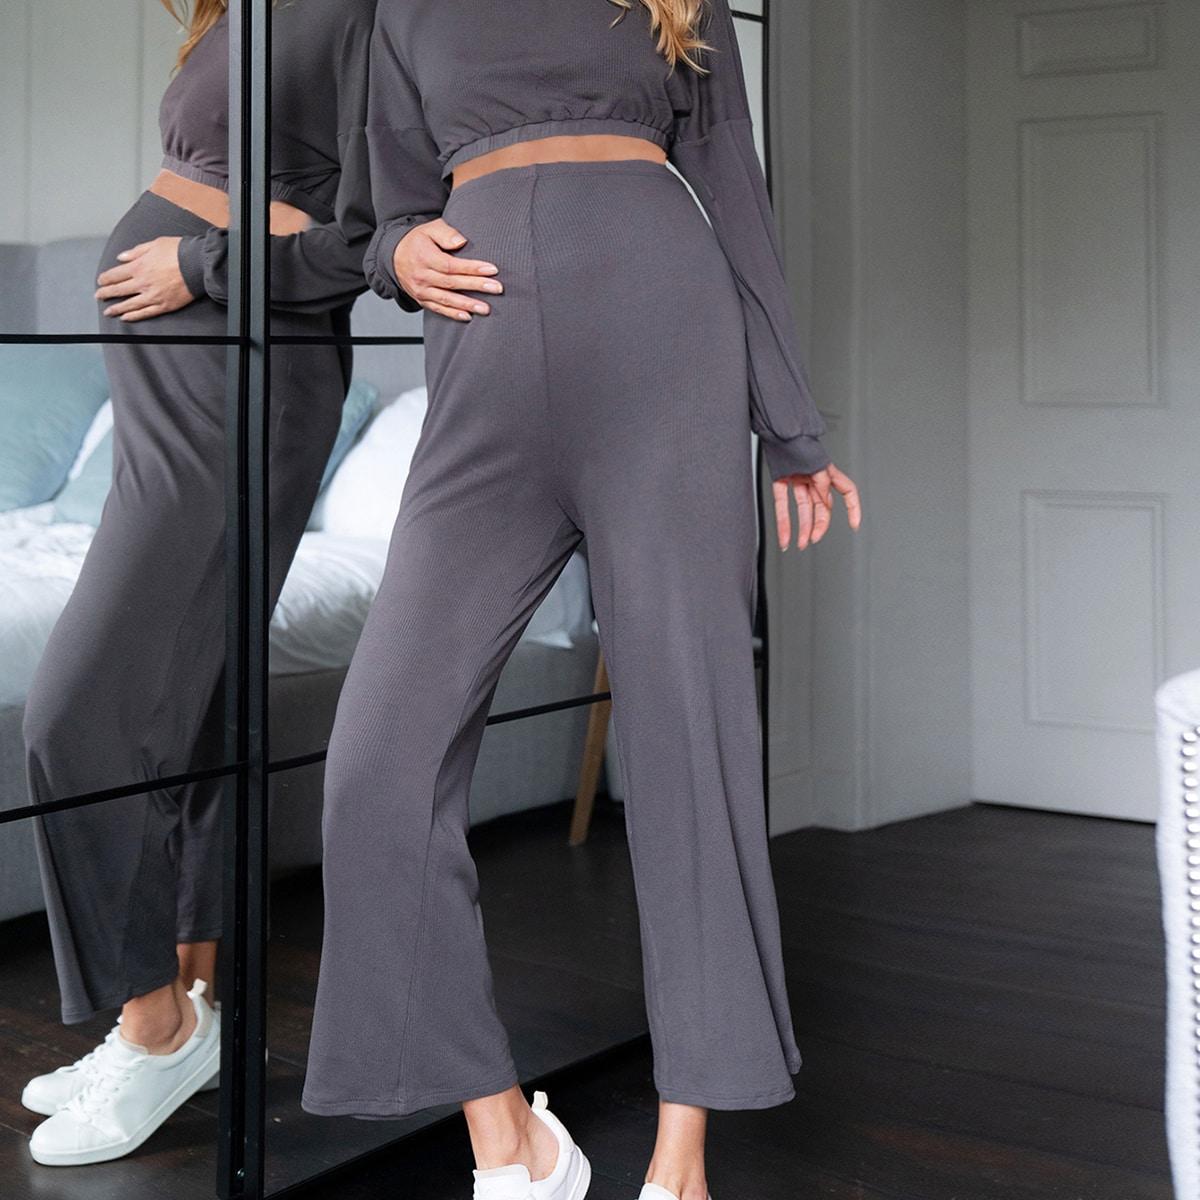 Шнуровка Ровный цвет Повседневный Комплекты для беременных от SHEIN